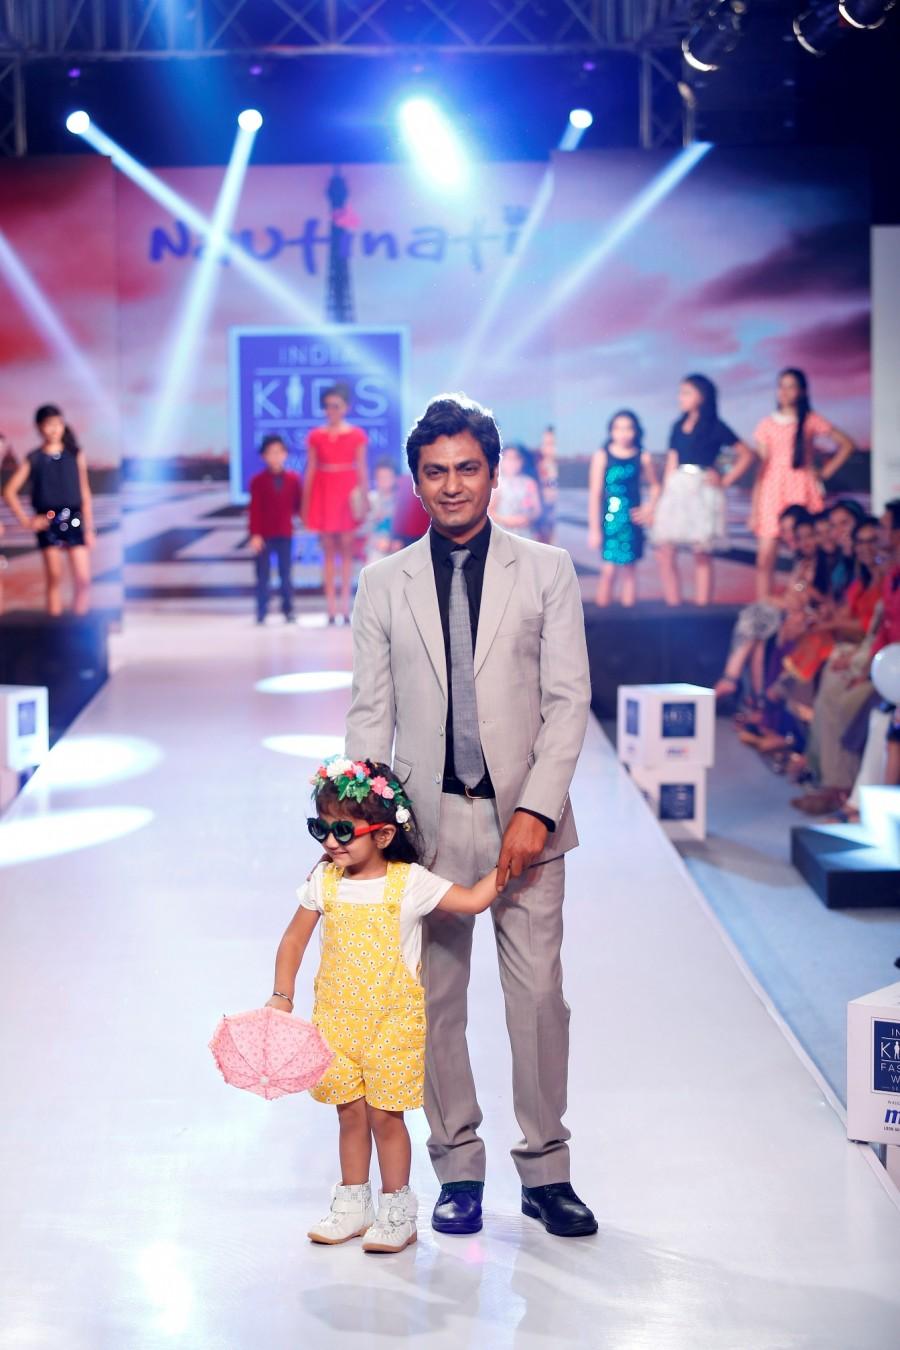 Nawazuddin Siddiqui,India Kids Fashion Week,India Kids Fashion Week  2016,IKFW,IKFW 2016,National Award winner Nawazuddin Siddiqui,Nawazuddin Siddiqui pics,Nawazuddin Siddiqui images,Nawazuddin Siddiqui stills,Nawazuddin Siddiqui pictures